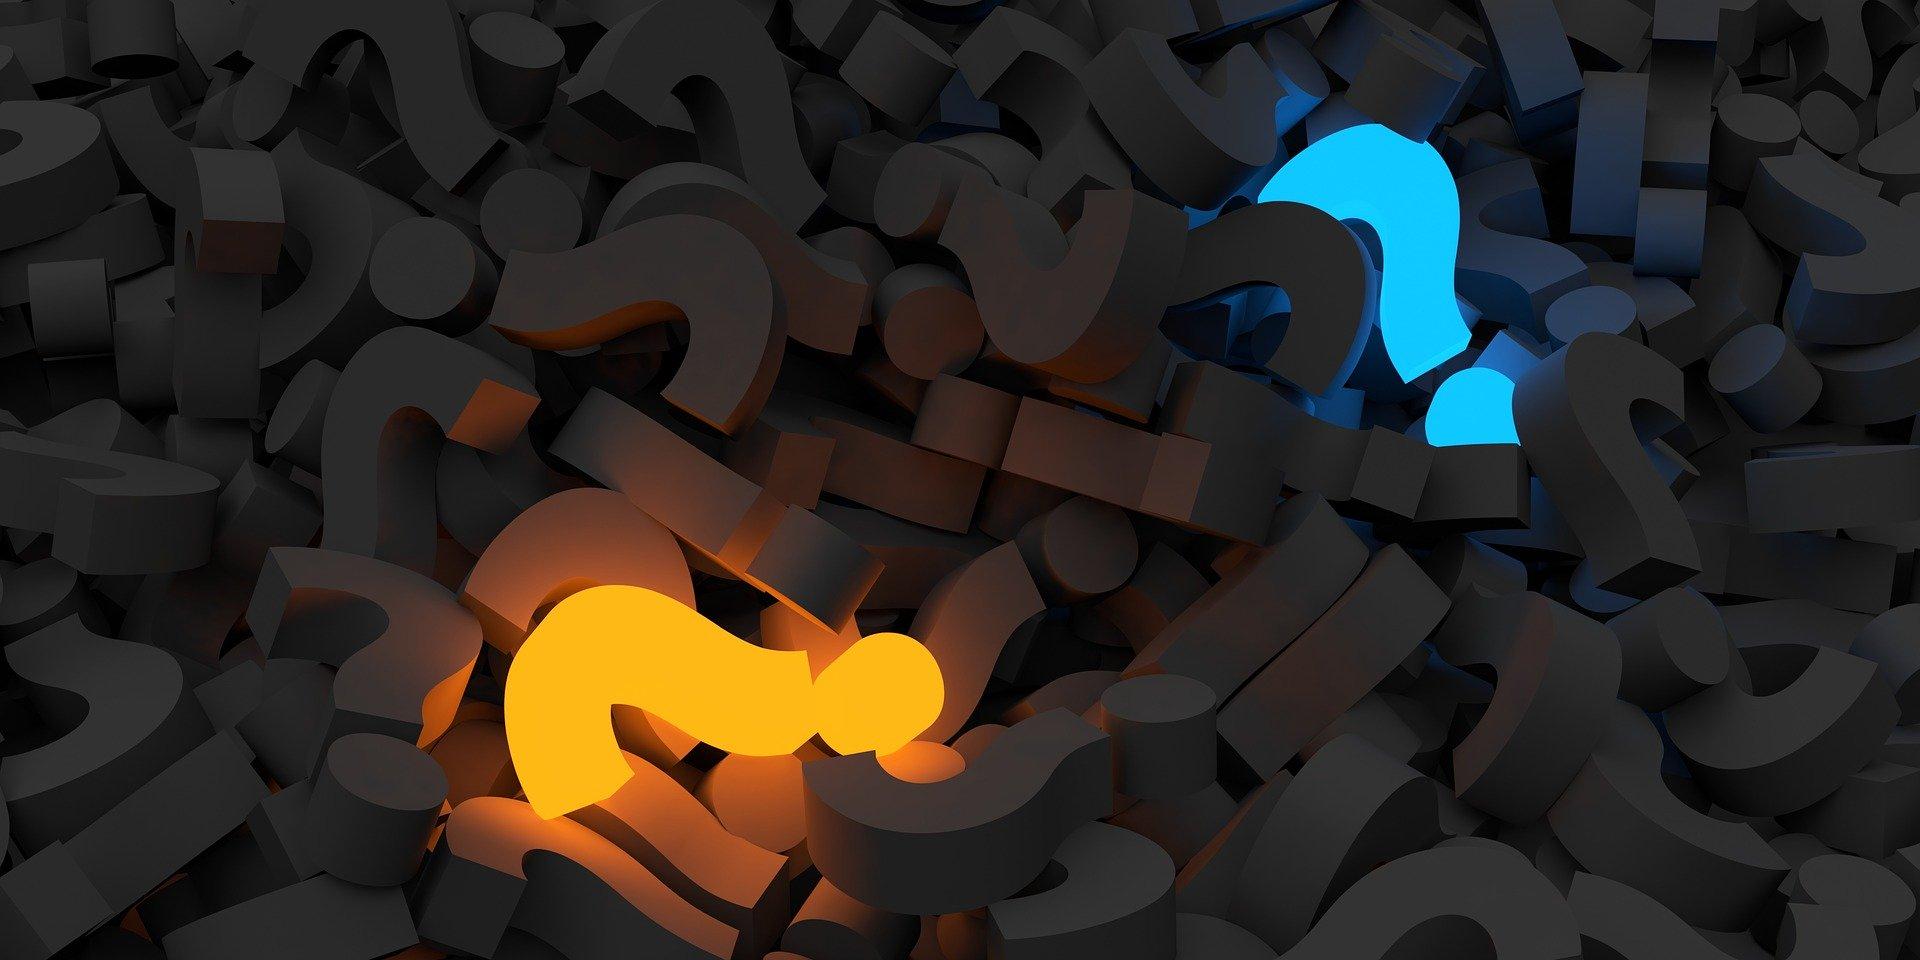 Laat het waarom zien bij dyslexie